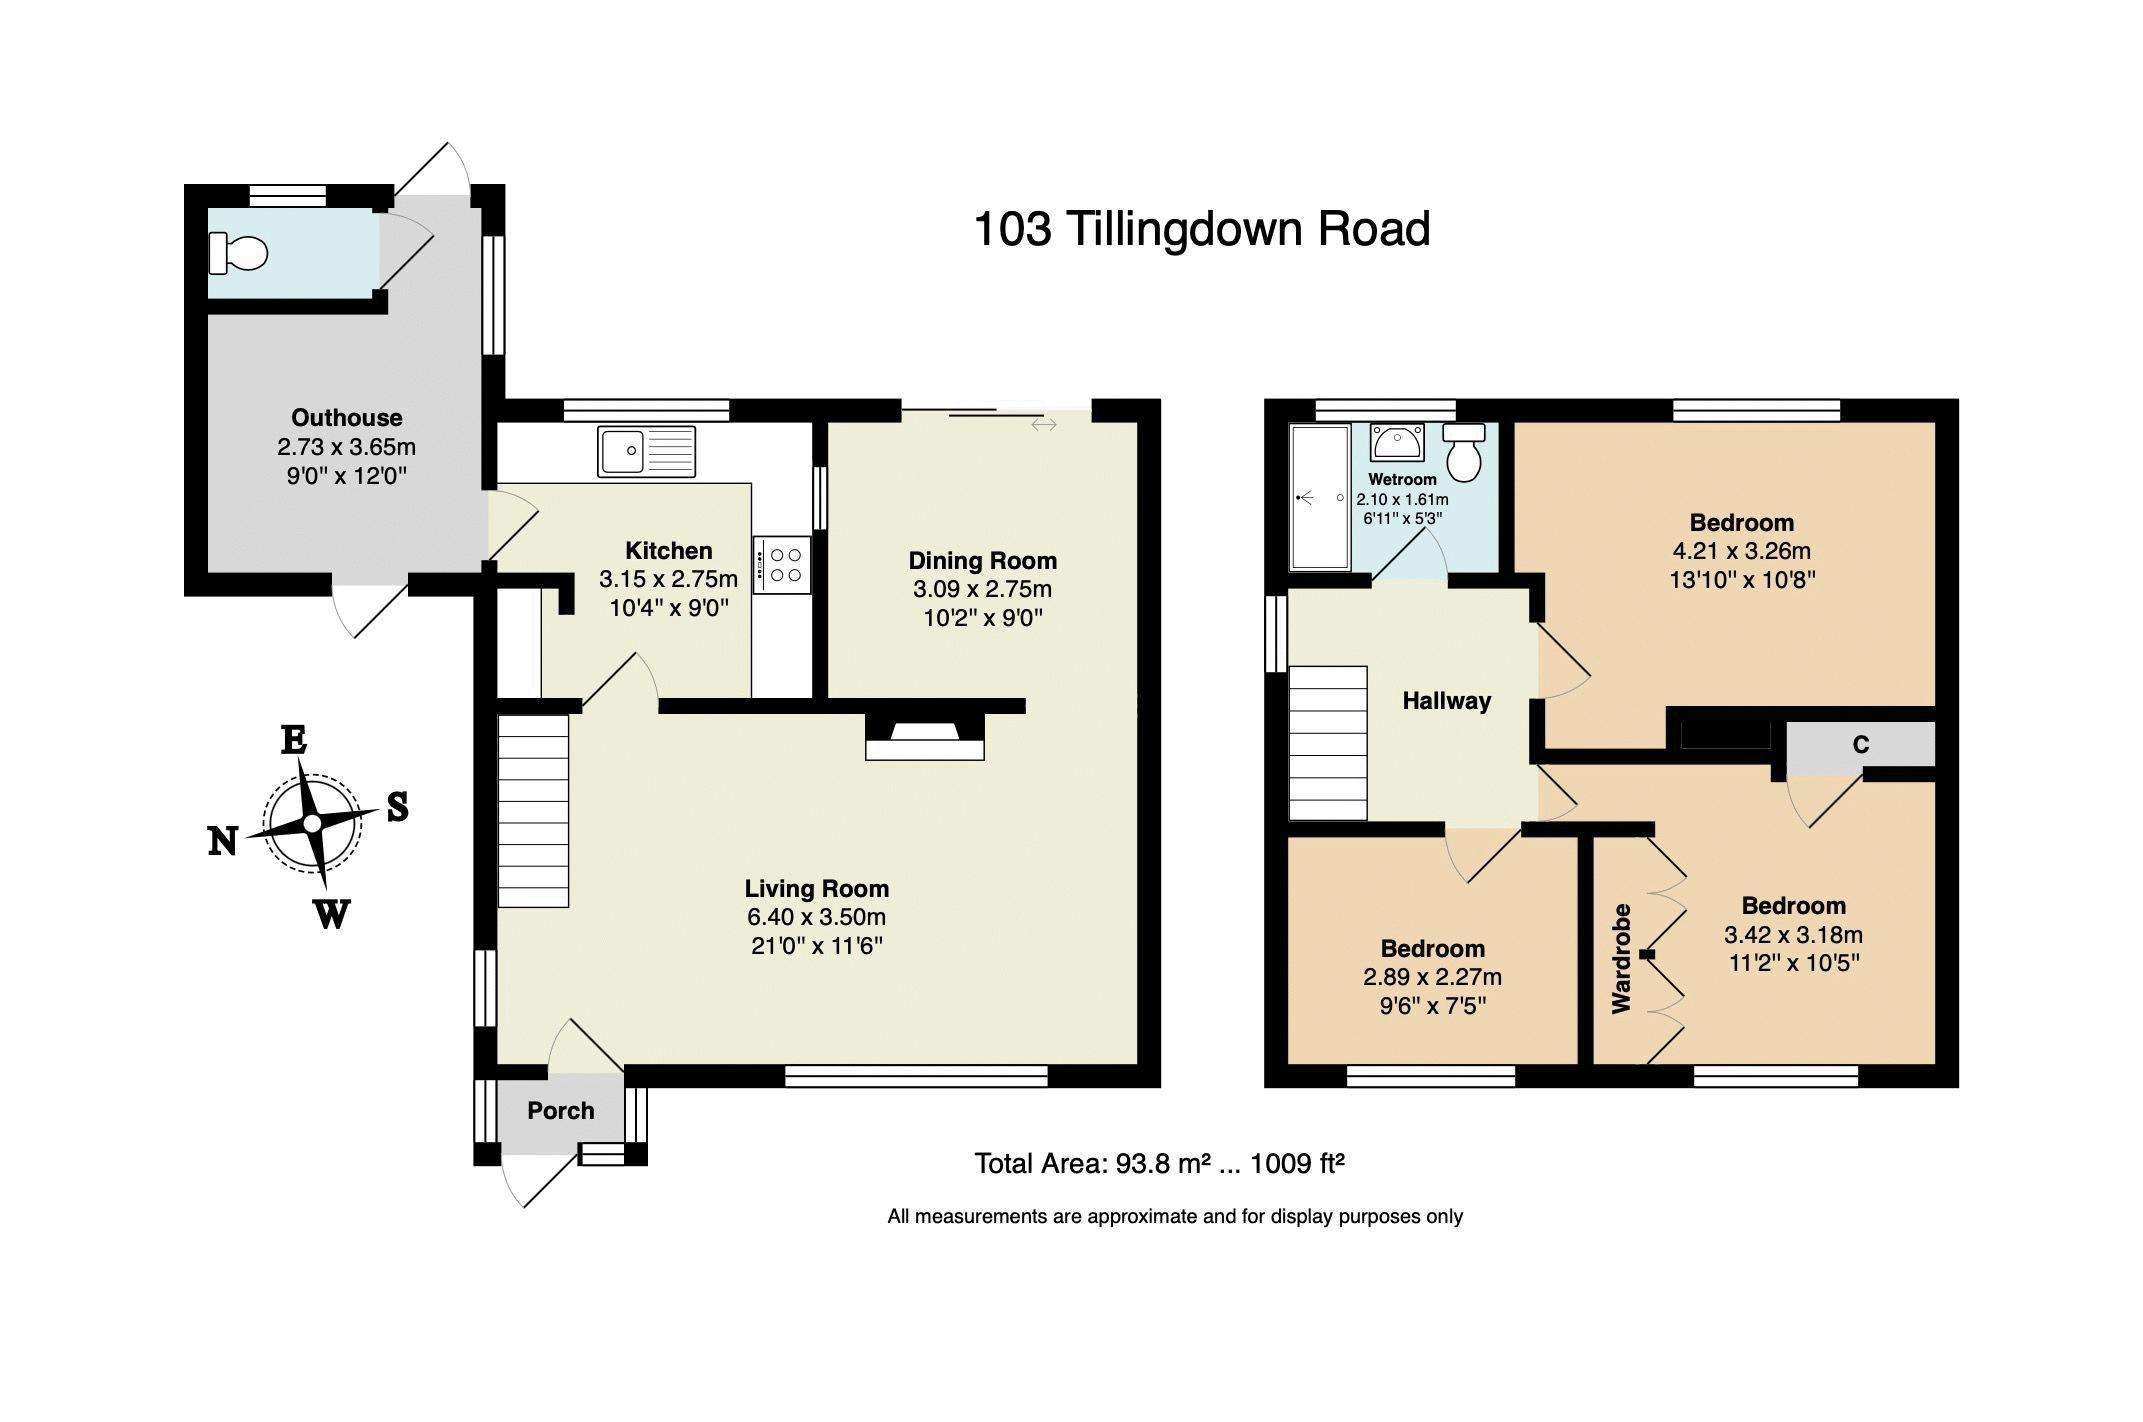 Tillingdown Hill